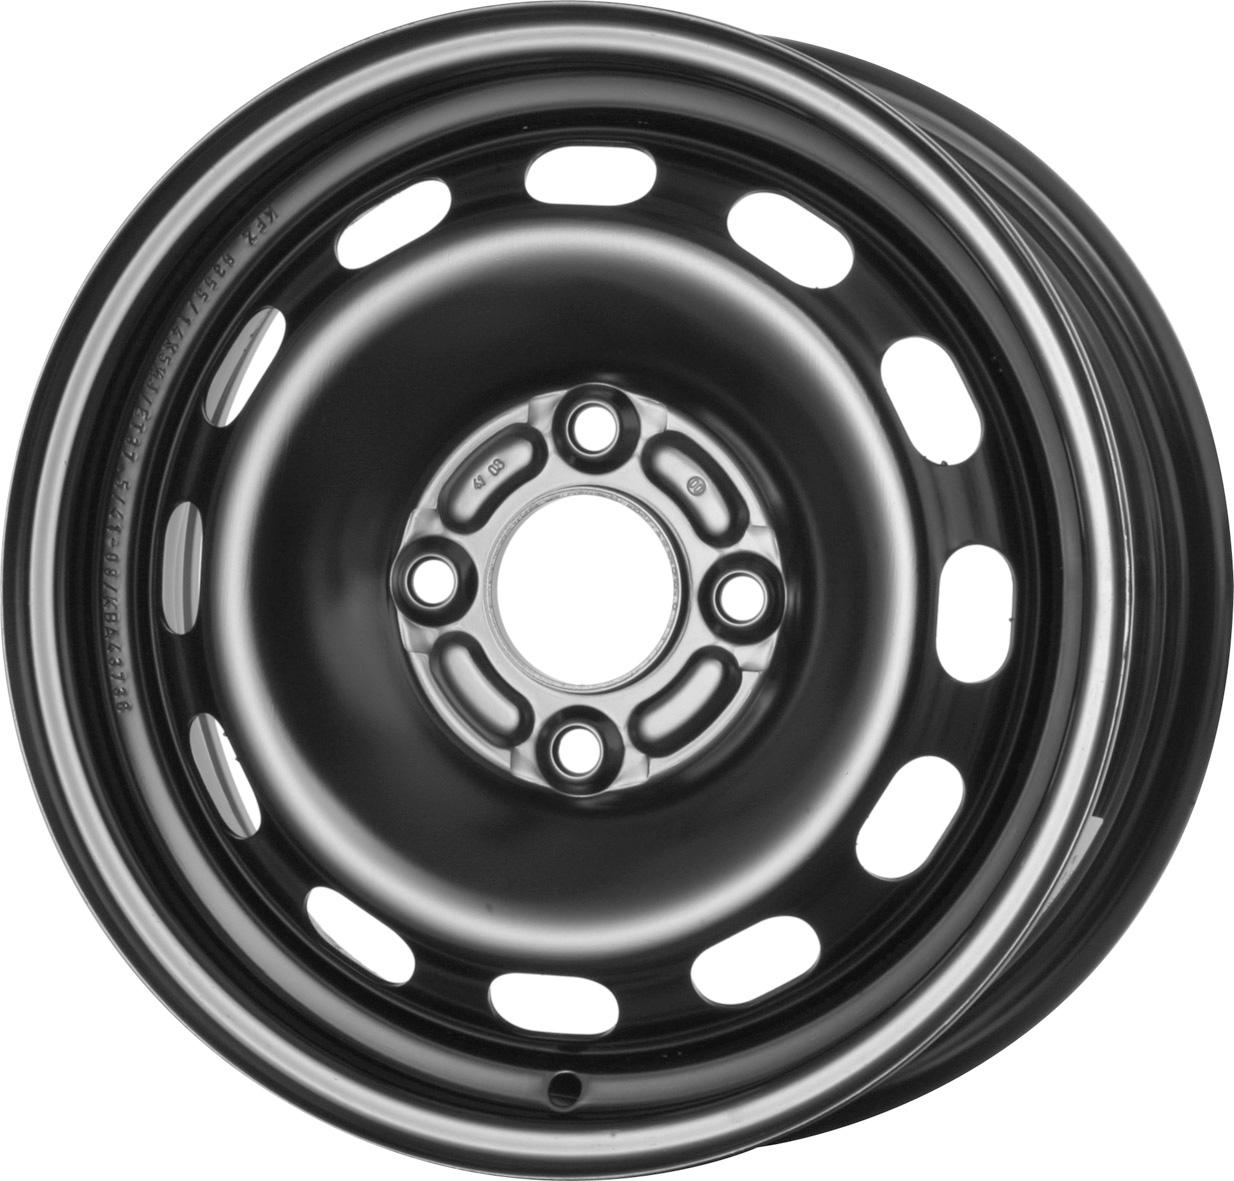 Vorschau: 14″ Stahlrad Sommer für Ford Fiesta 1.0 (JR8) Kumho KH27 175/65 R14 82T